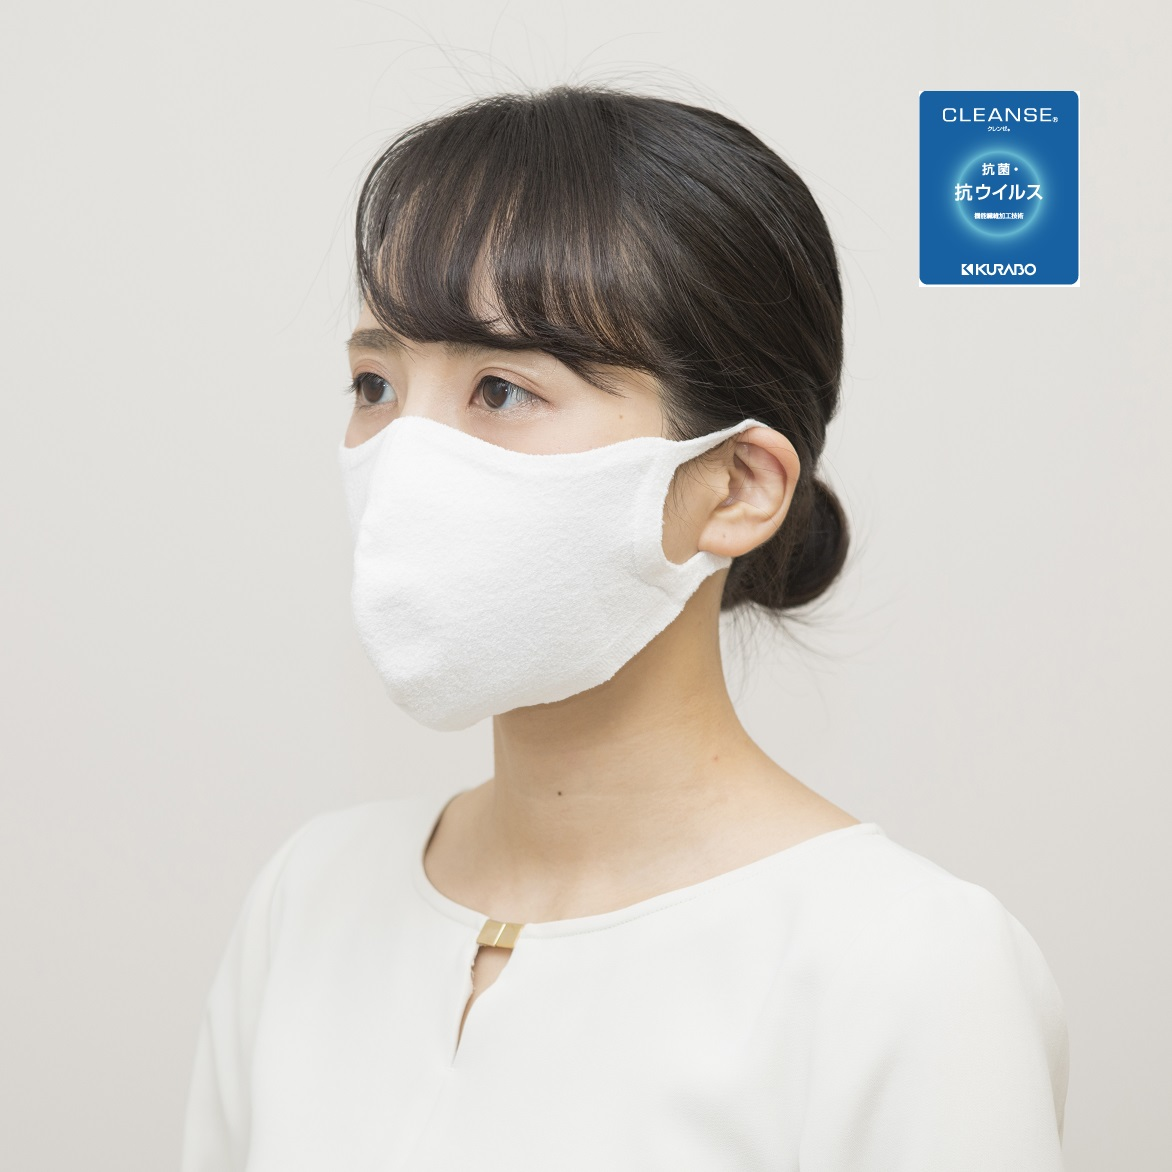 抗菌・抗ウイルス クレンゼ加工 100回洗える夏マスク/hamon AG マスク(ホワイト)